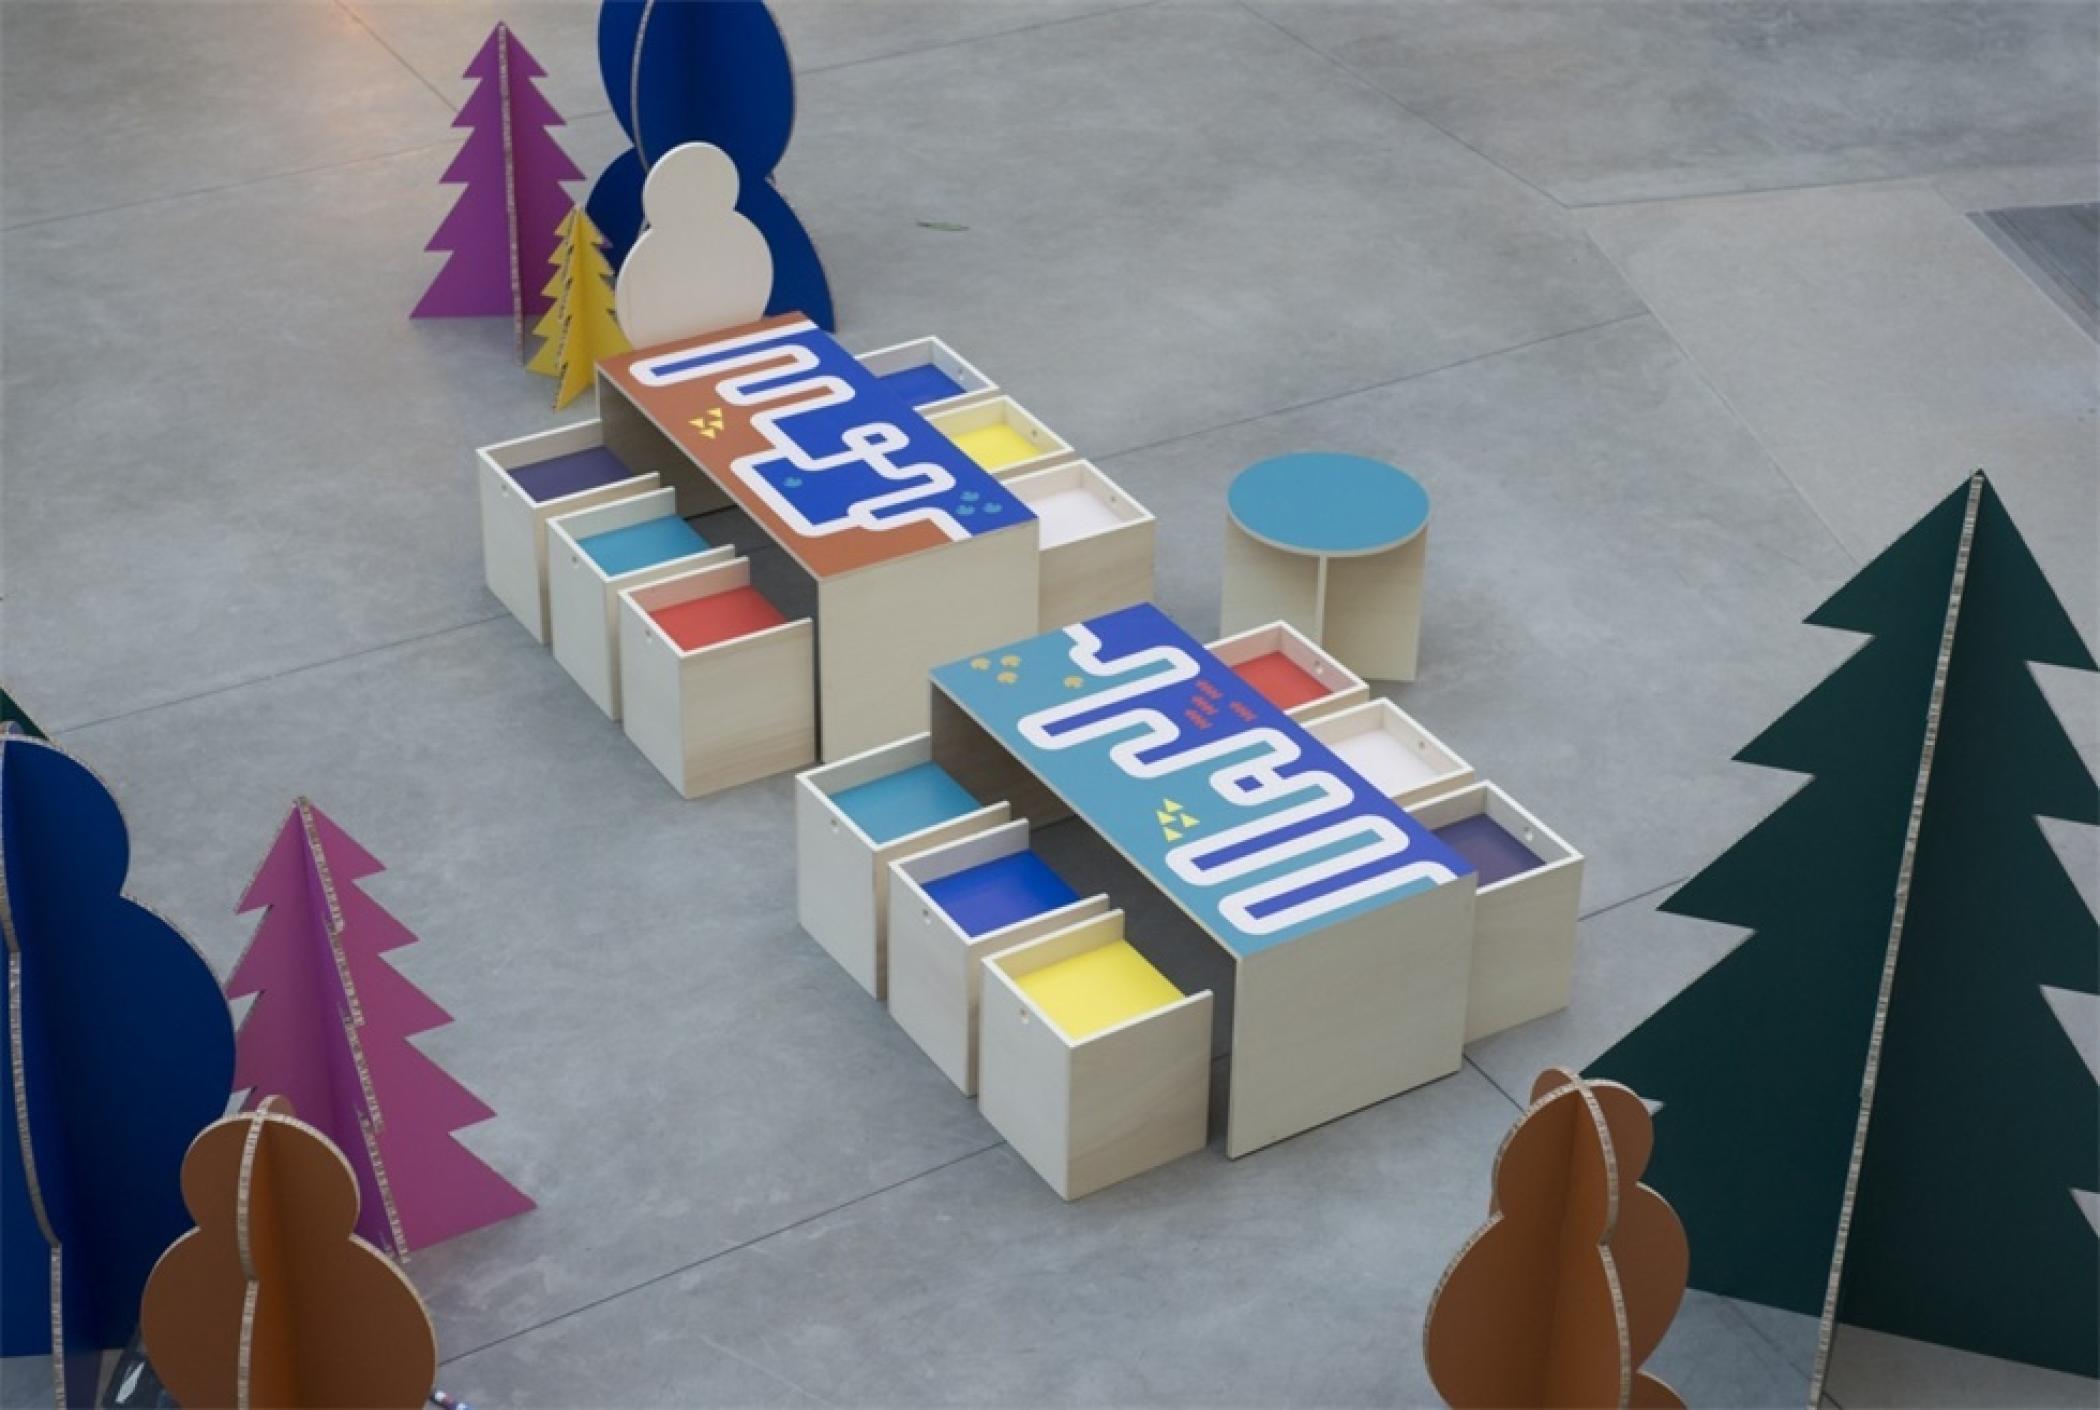 酒店推广活动策划的互动DIY营造了一个充满节日和乐趣的世界